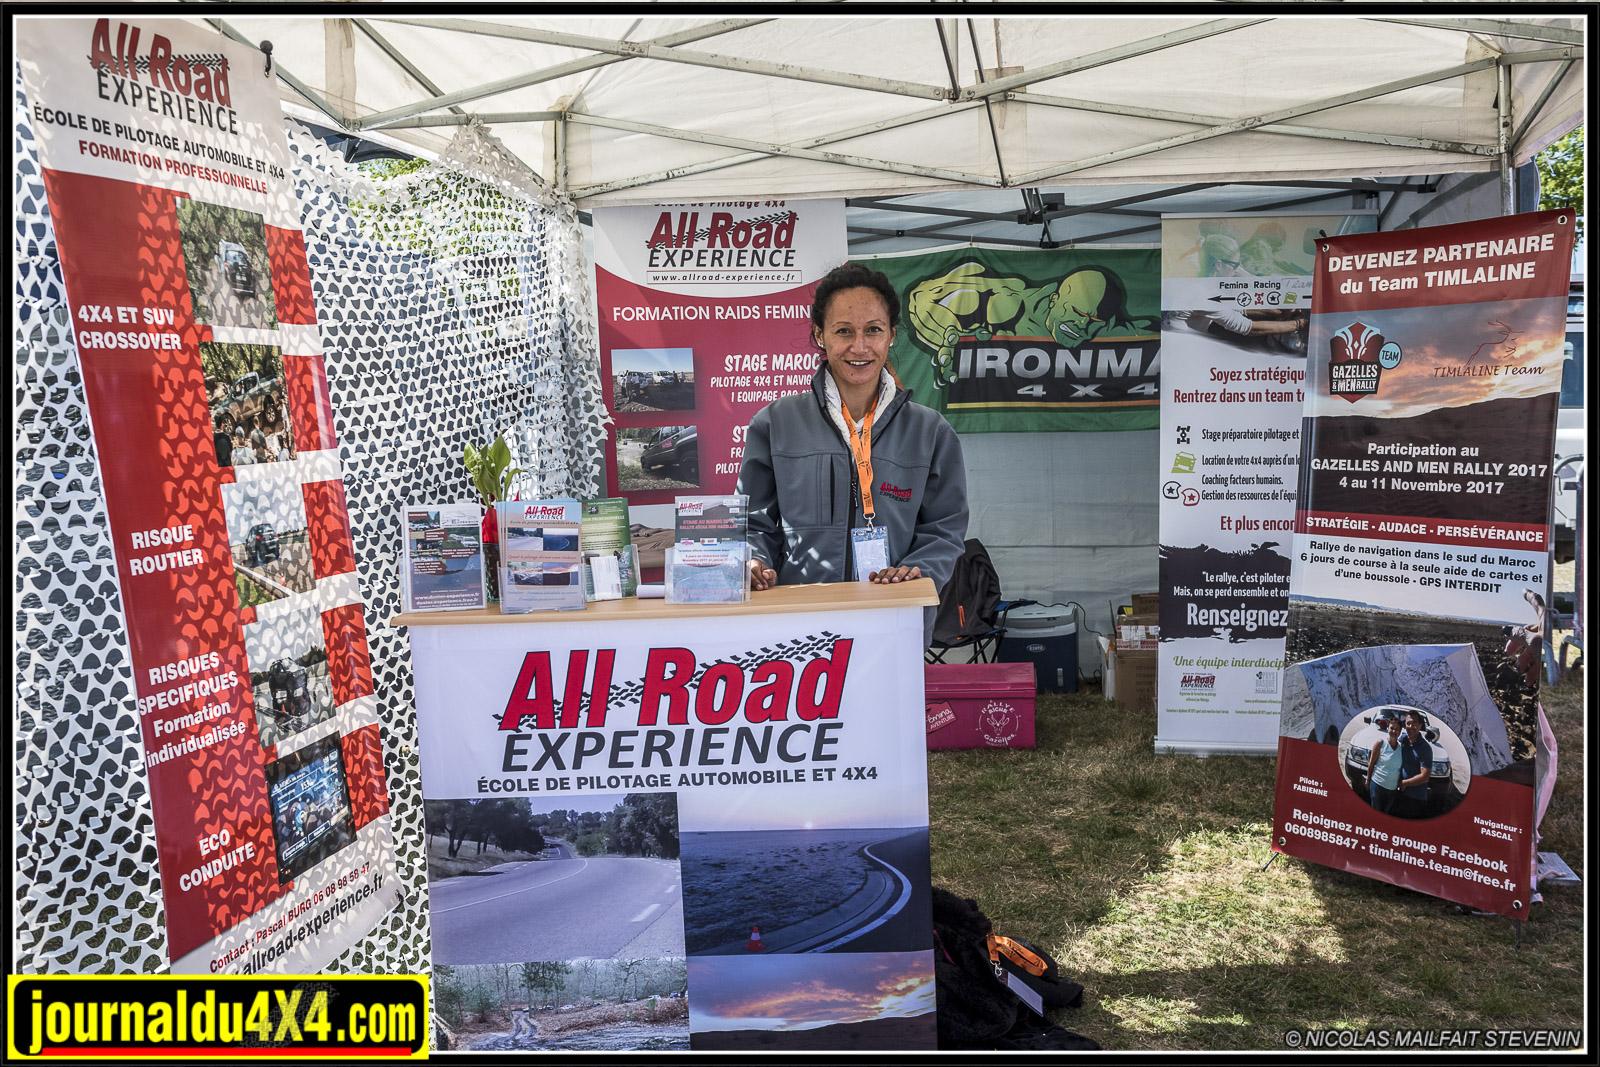 Le stand All Road Experience école de pilotage 4x4